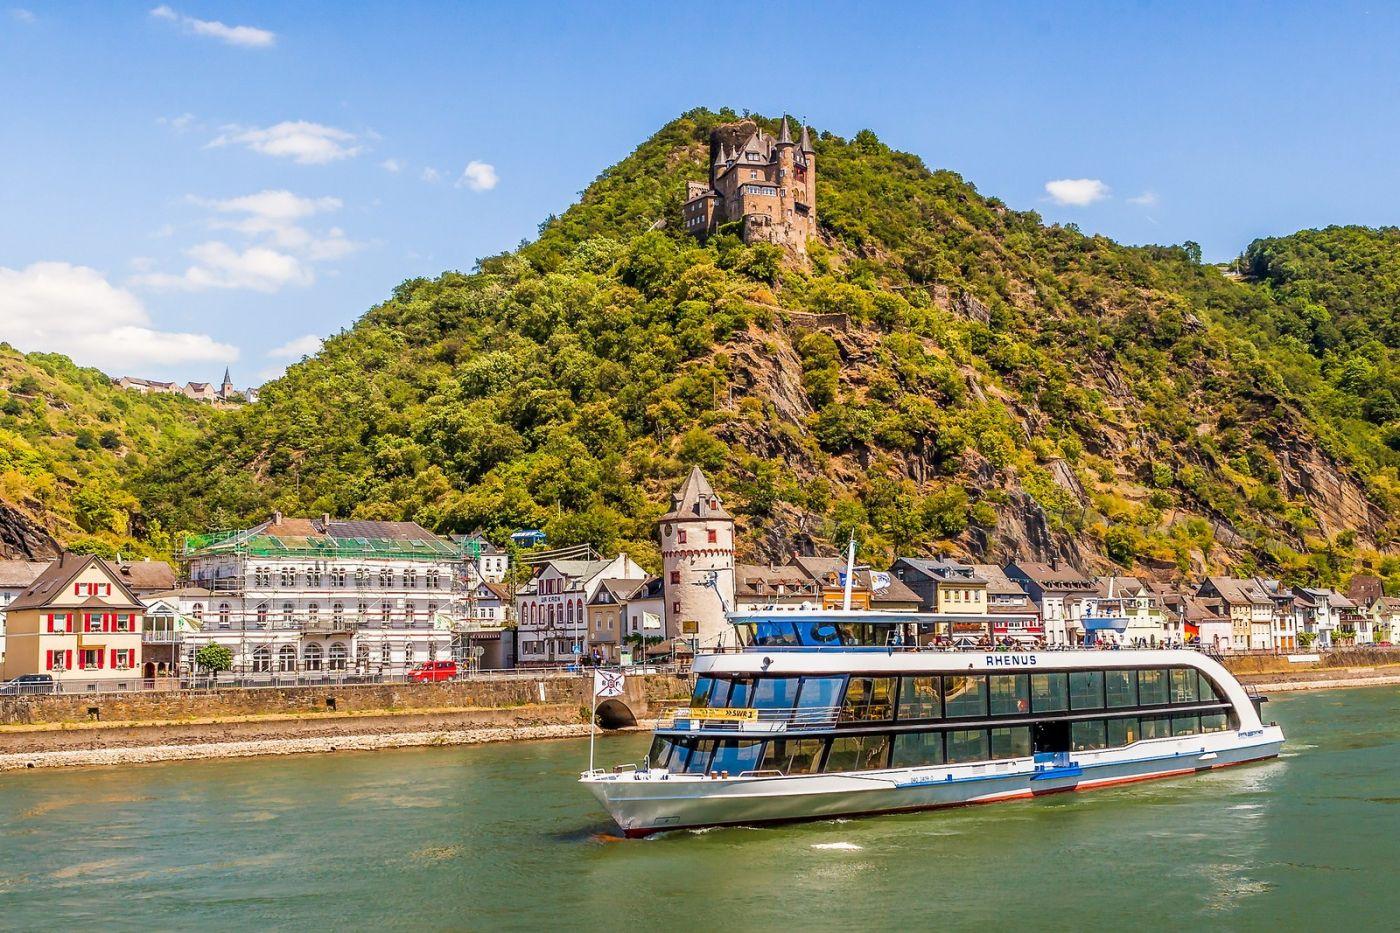 畅游莱茵河,游船商船另一道景_图1-31